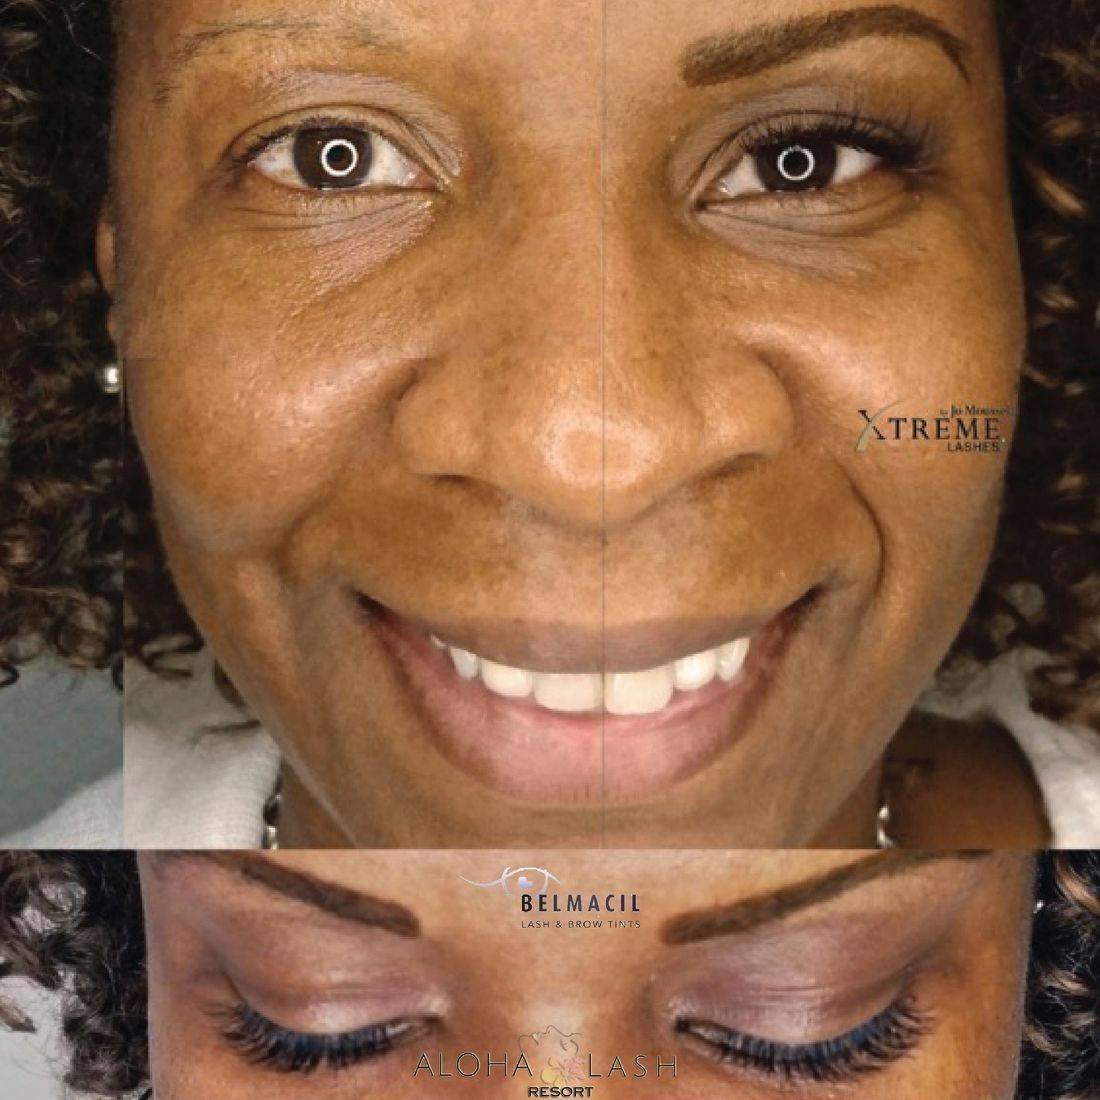 volume lashes, Ellleebana One Shot Lash Lift, yumi lashes, amazing lash studio, fleek, flirt, wedding, engagement, engage, eyelashes, eyelash extensions, xtreme lashes, my absolute beauty